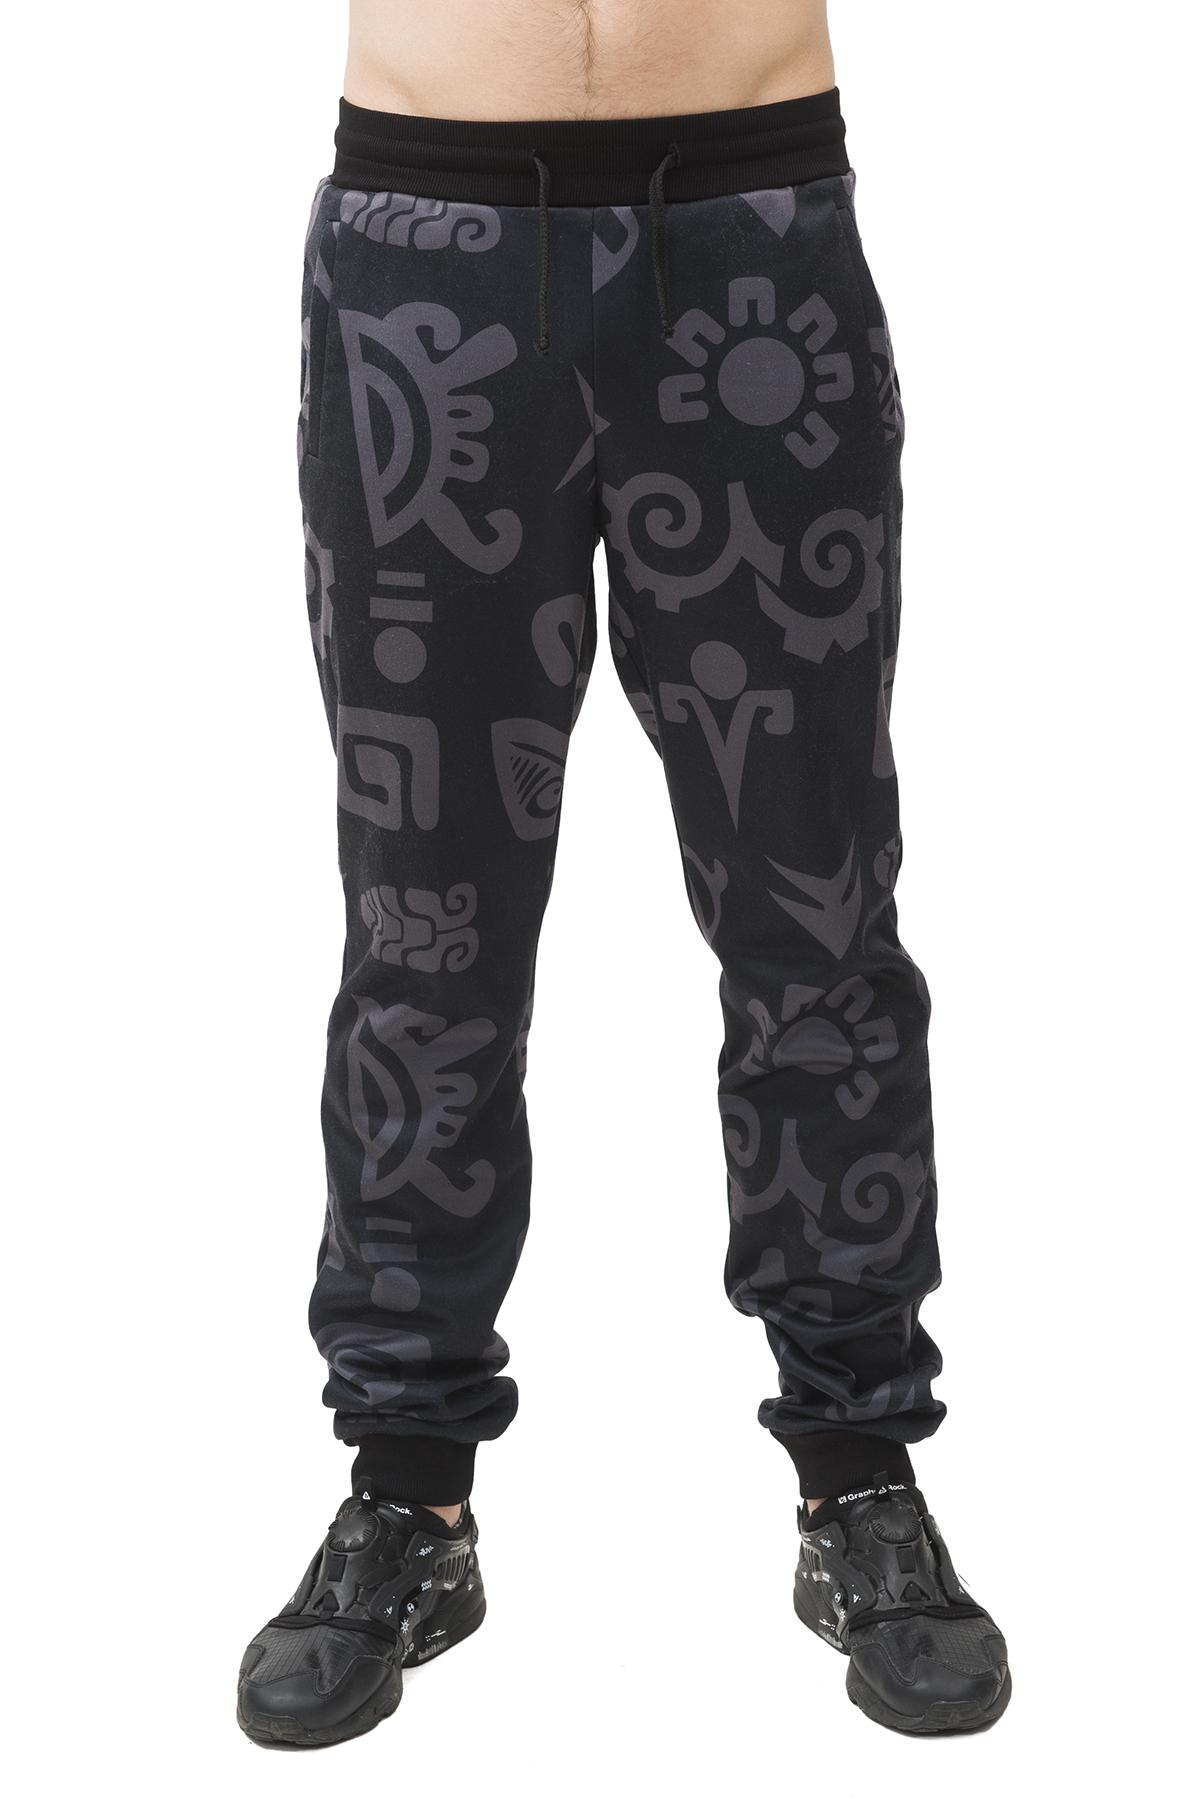 БрюкиБрюки, джинсы, шорты от производителя<br>Спортивные брюки Pavel Yerokin с принтом  выполнены из трикотажной ткани. Особенности: свободный силуэт, зауженный крой, пояс-резинка со шнуром, два кармана спереди, этнический принт.<br><br>Цвет: черный,серый<br>Состав: Полиэстер - 70%, Вискоза - 25%, Эластан - 5%<br>Размер: 48,50<br>Страна дизайна: Россия<br>Страна производства: Россия